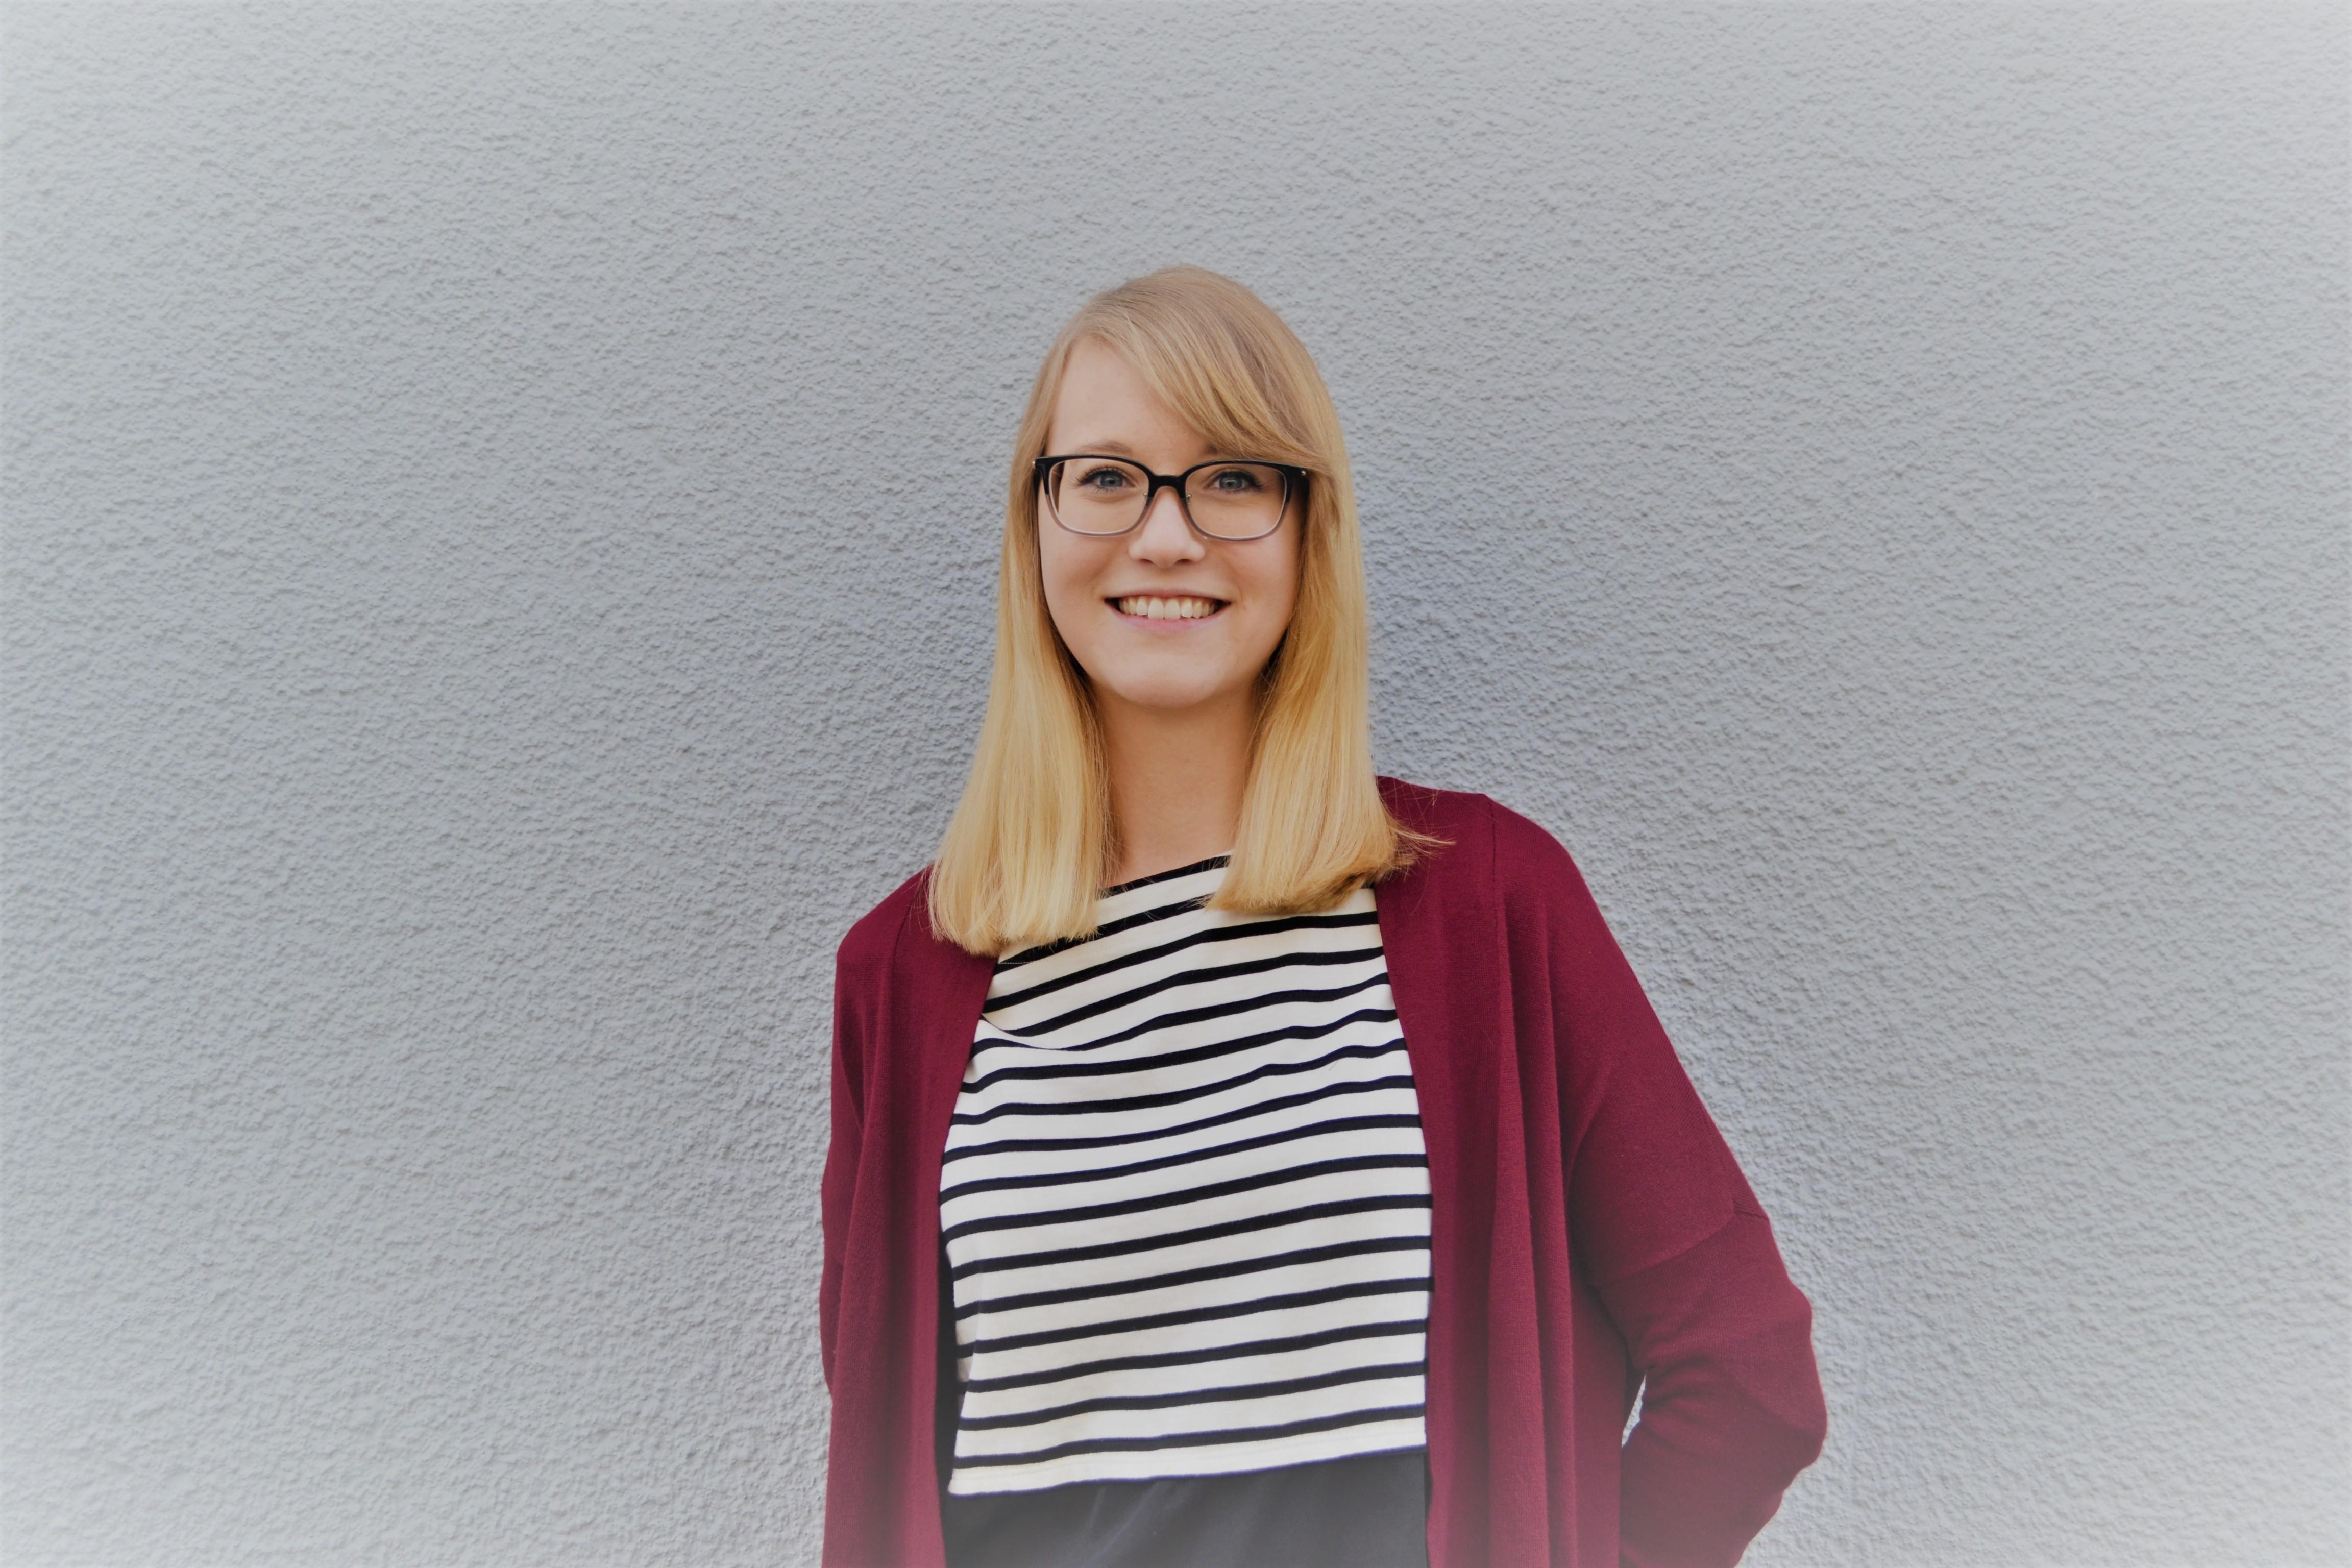 Stefanie Tews Jugendwerk Jugendreisen